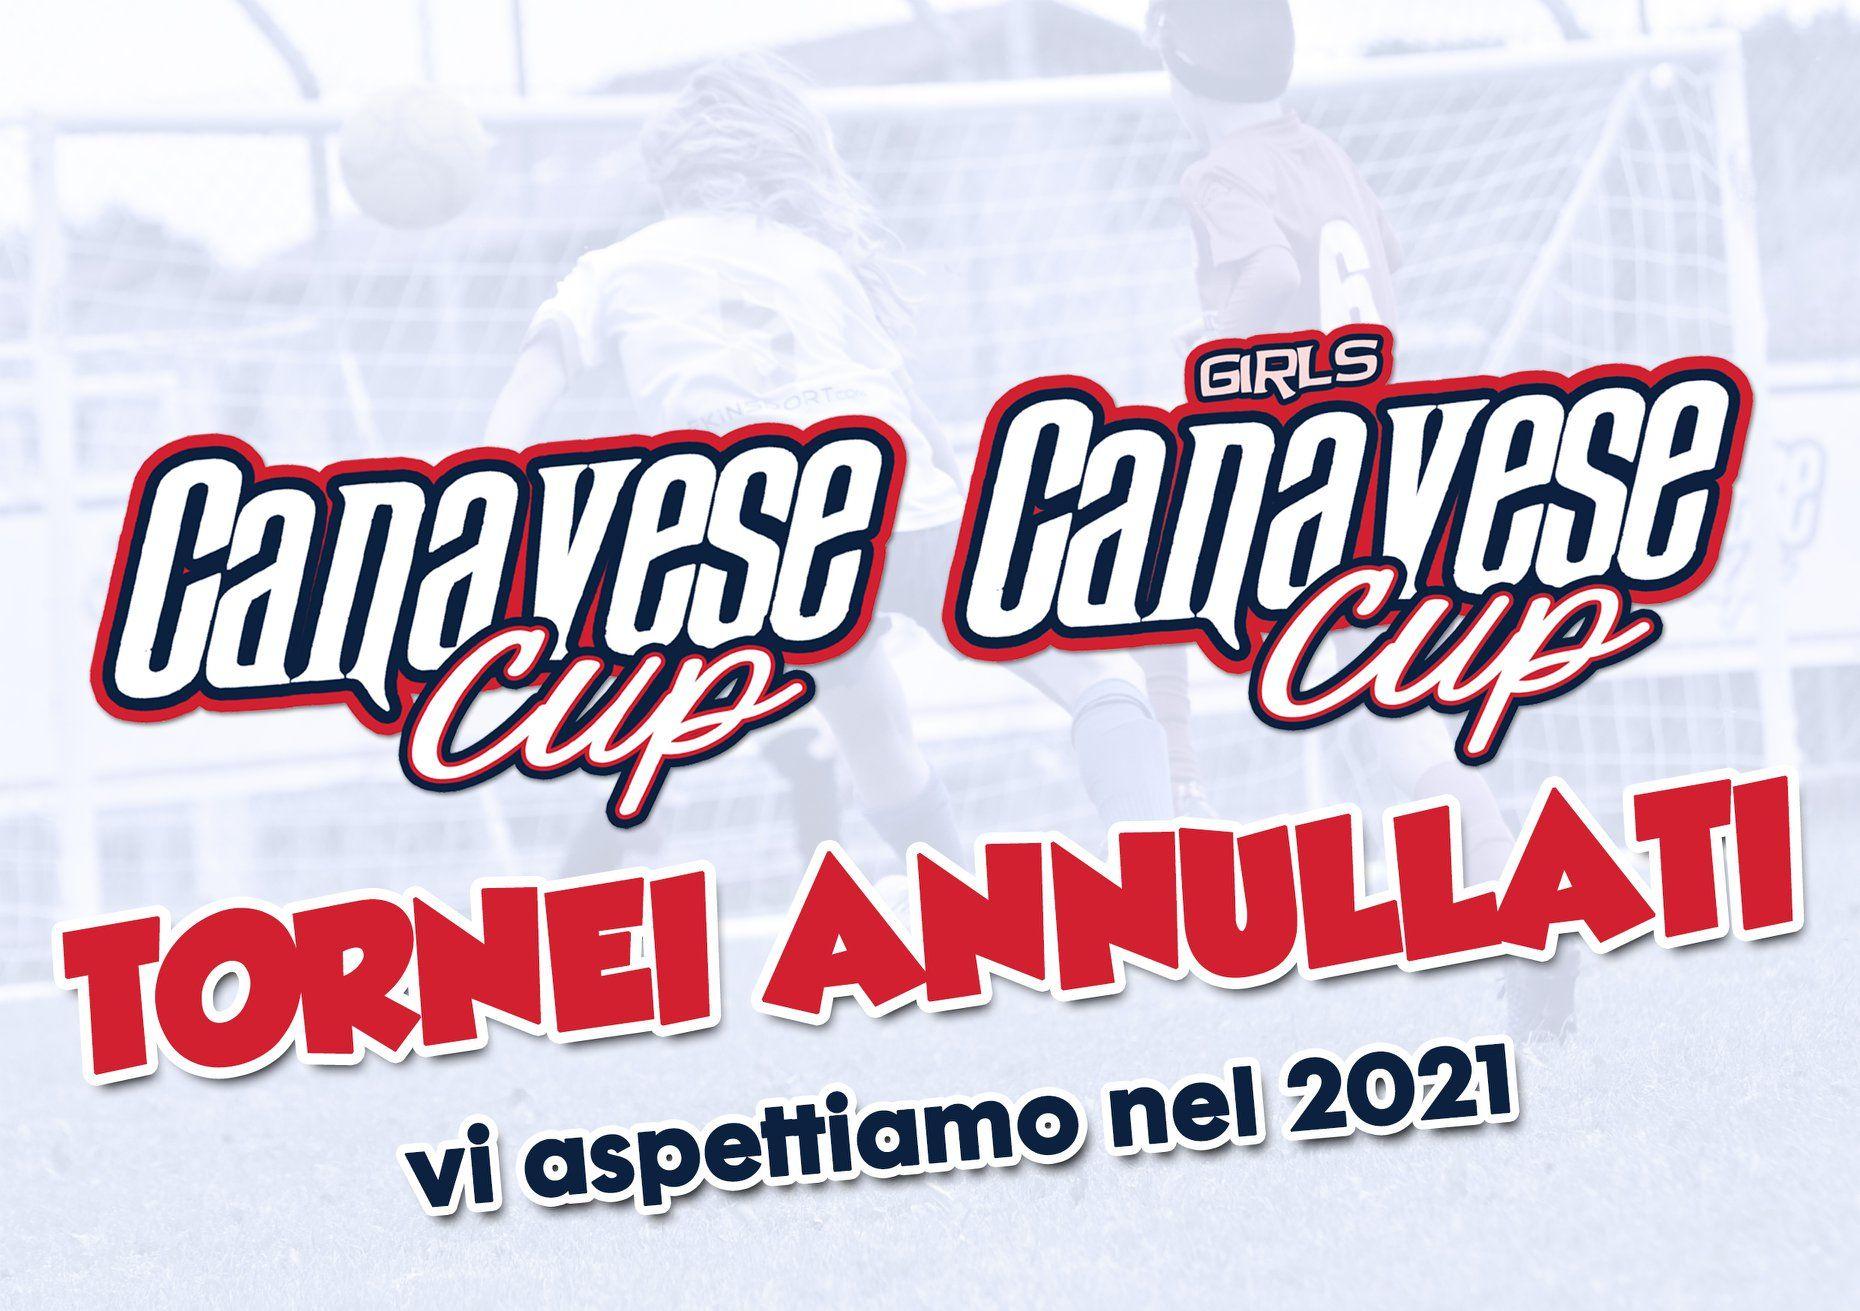 CALCIO GIOVANILE - Coronavirus, salta l'appuntamento con la «Canavese Cup»